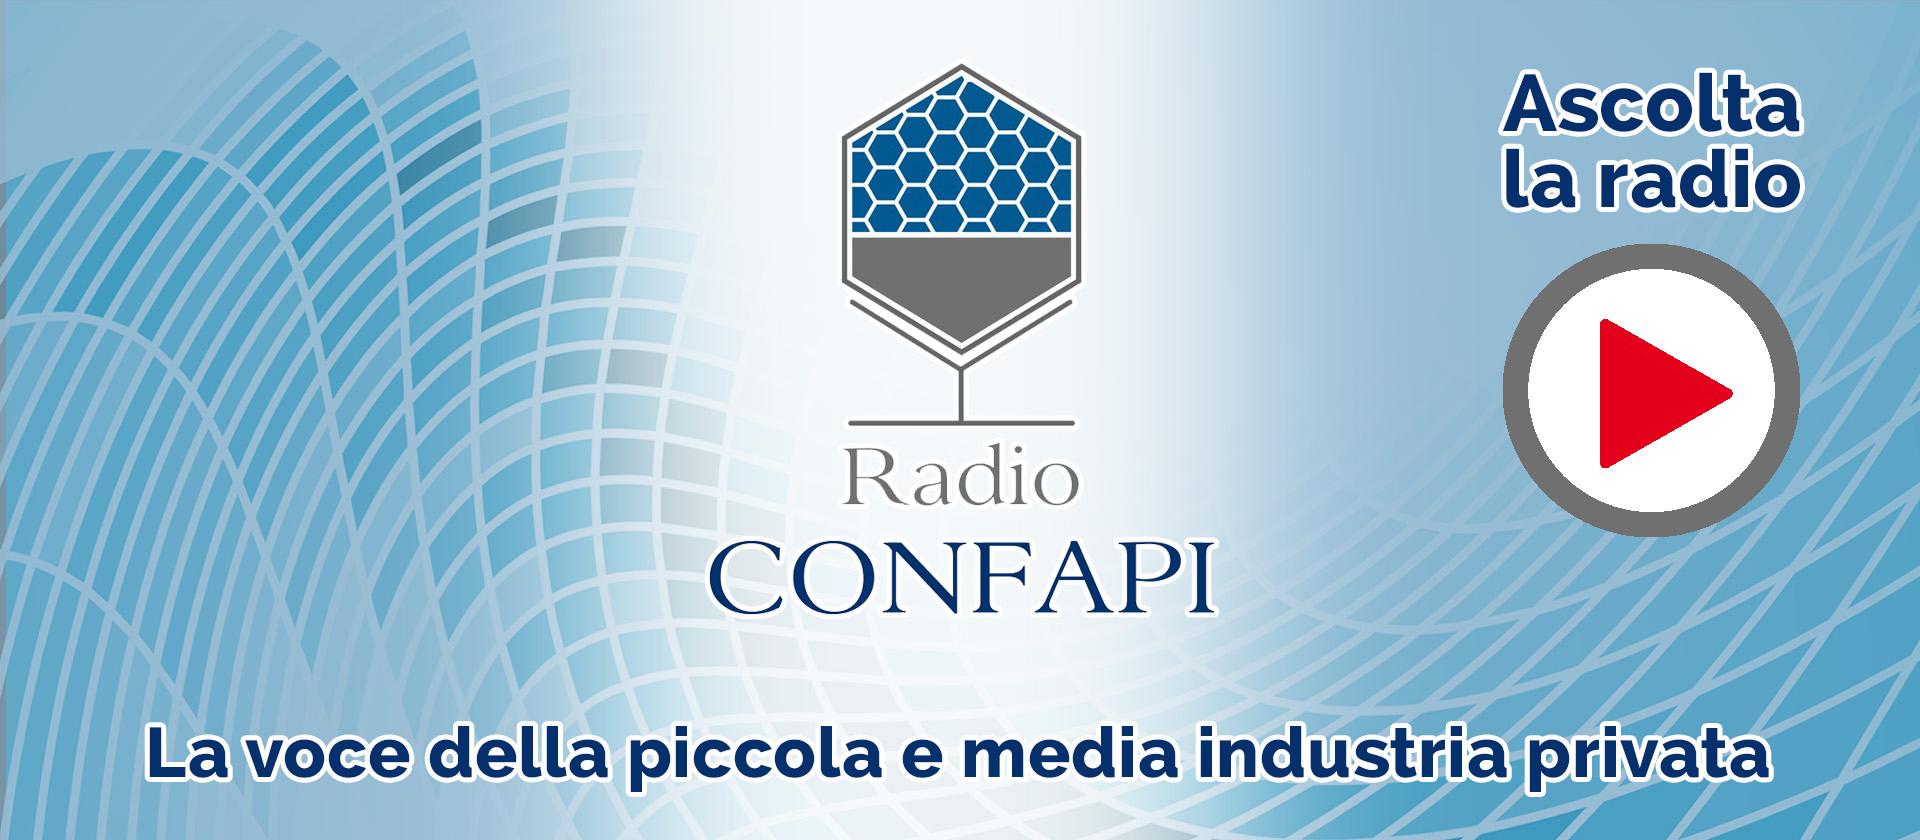 Ascolta radio Confapi